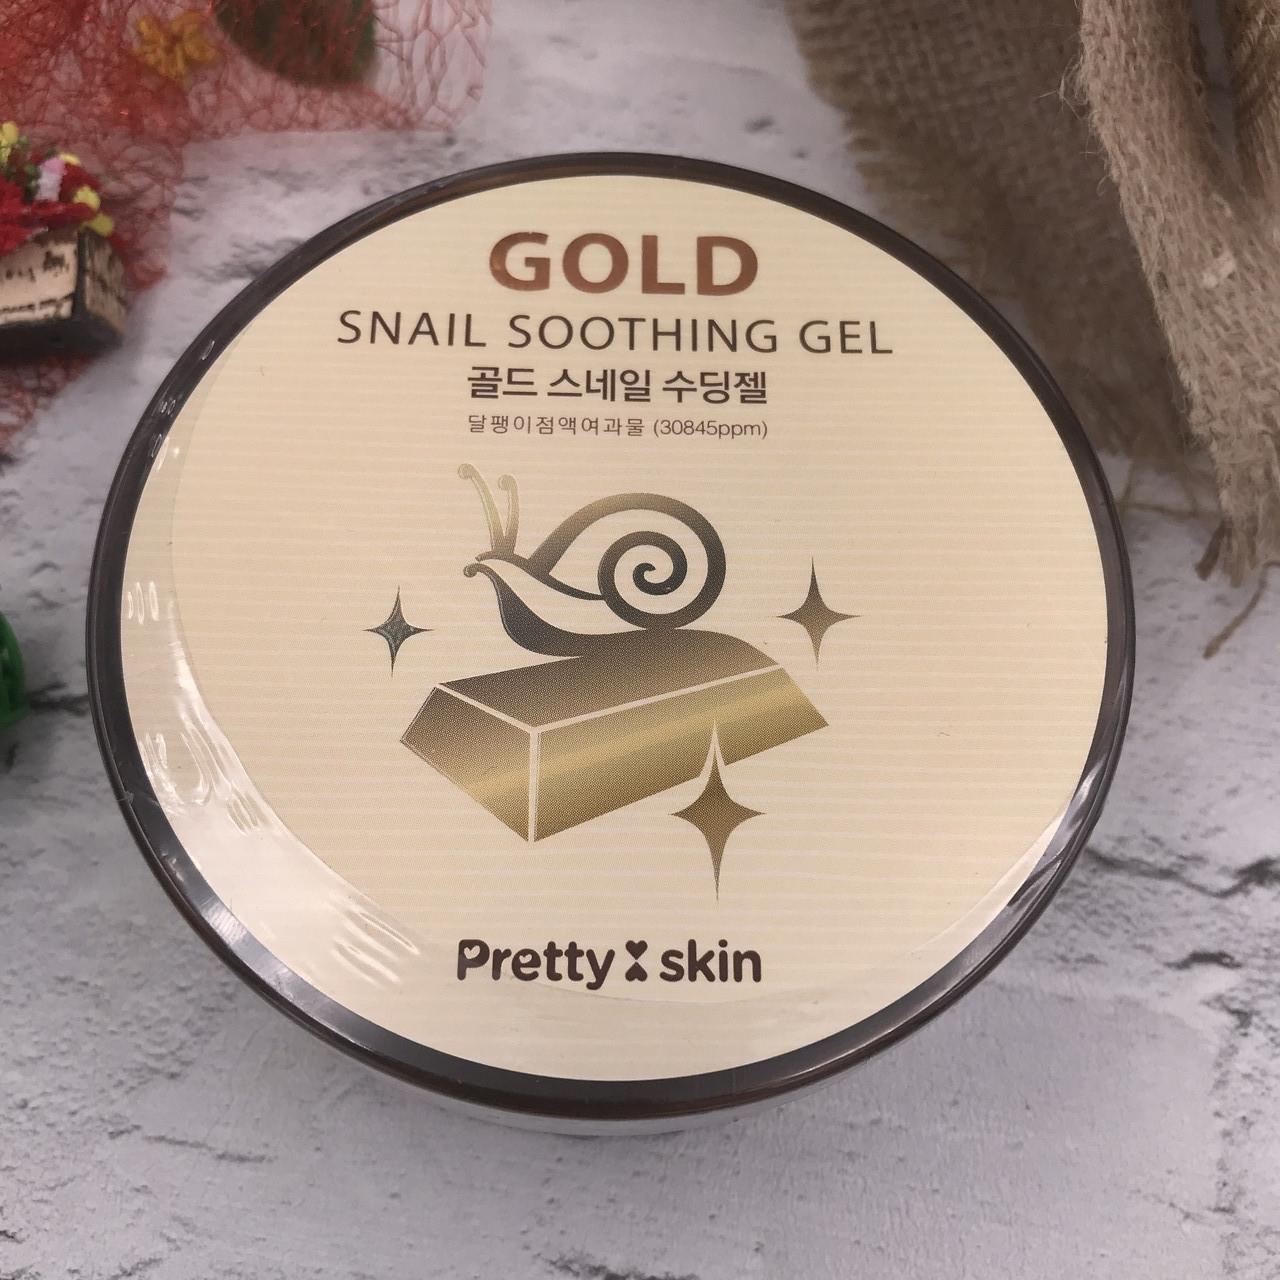 Успокаивающий гель Pretty Skin с муцином улитки и золотом Gold Snail Soothing Gel